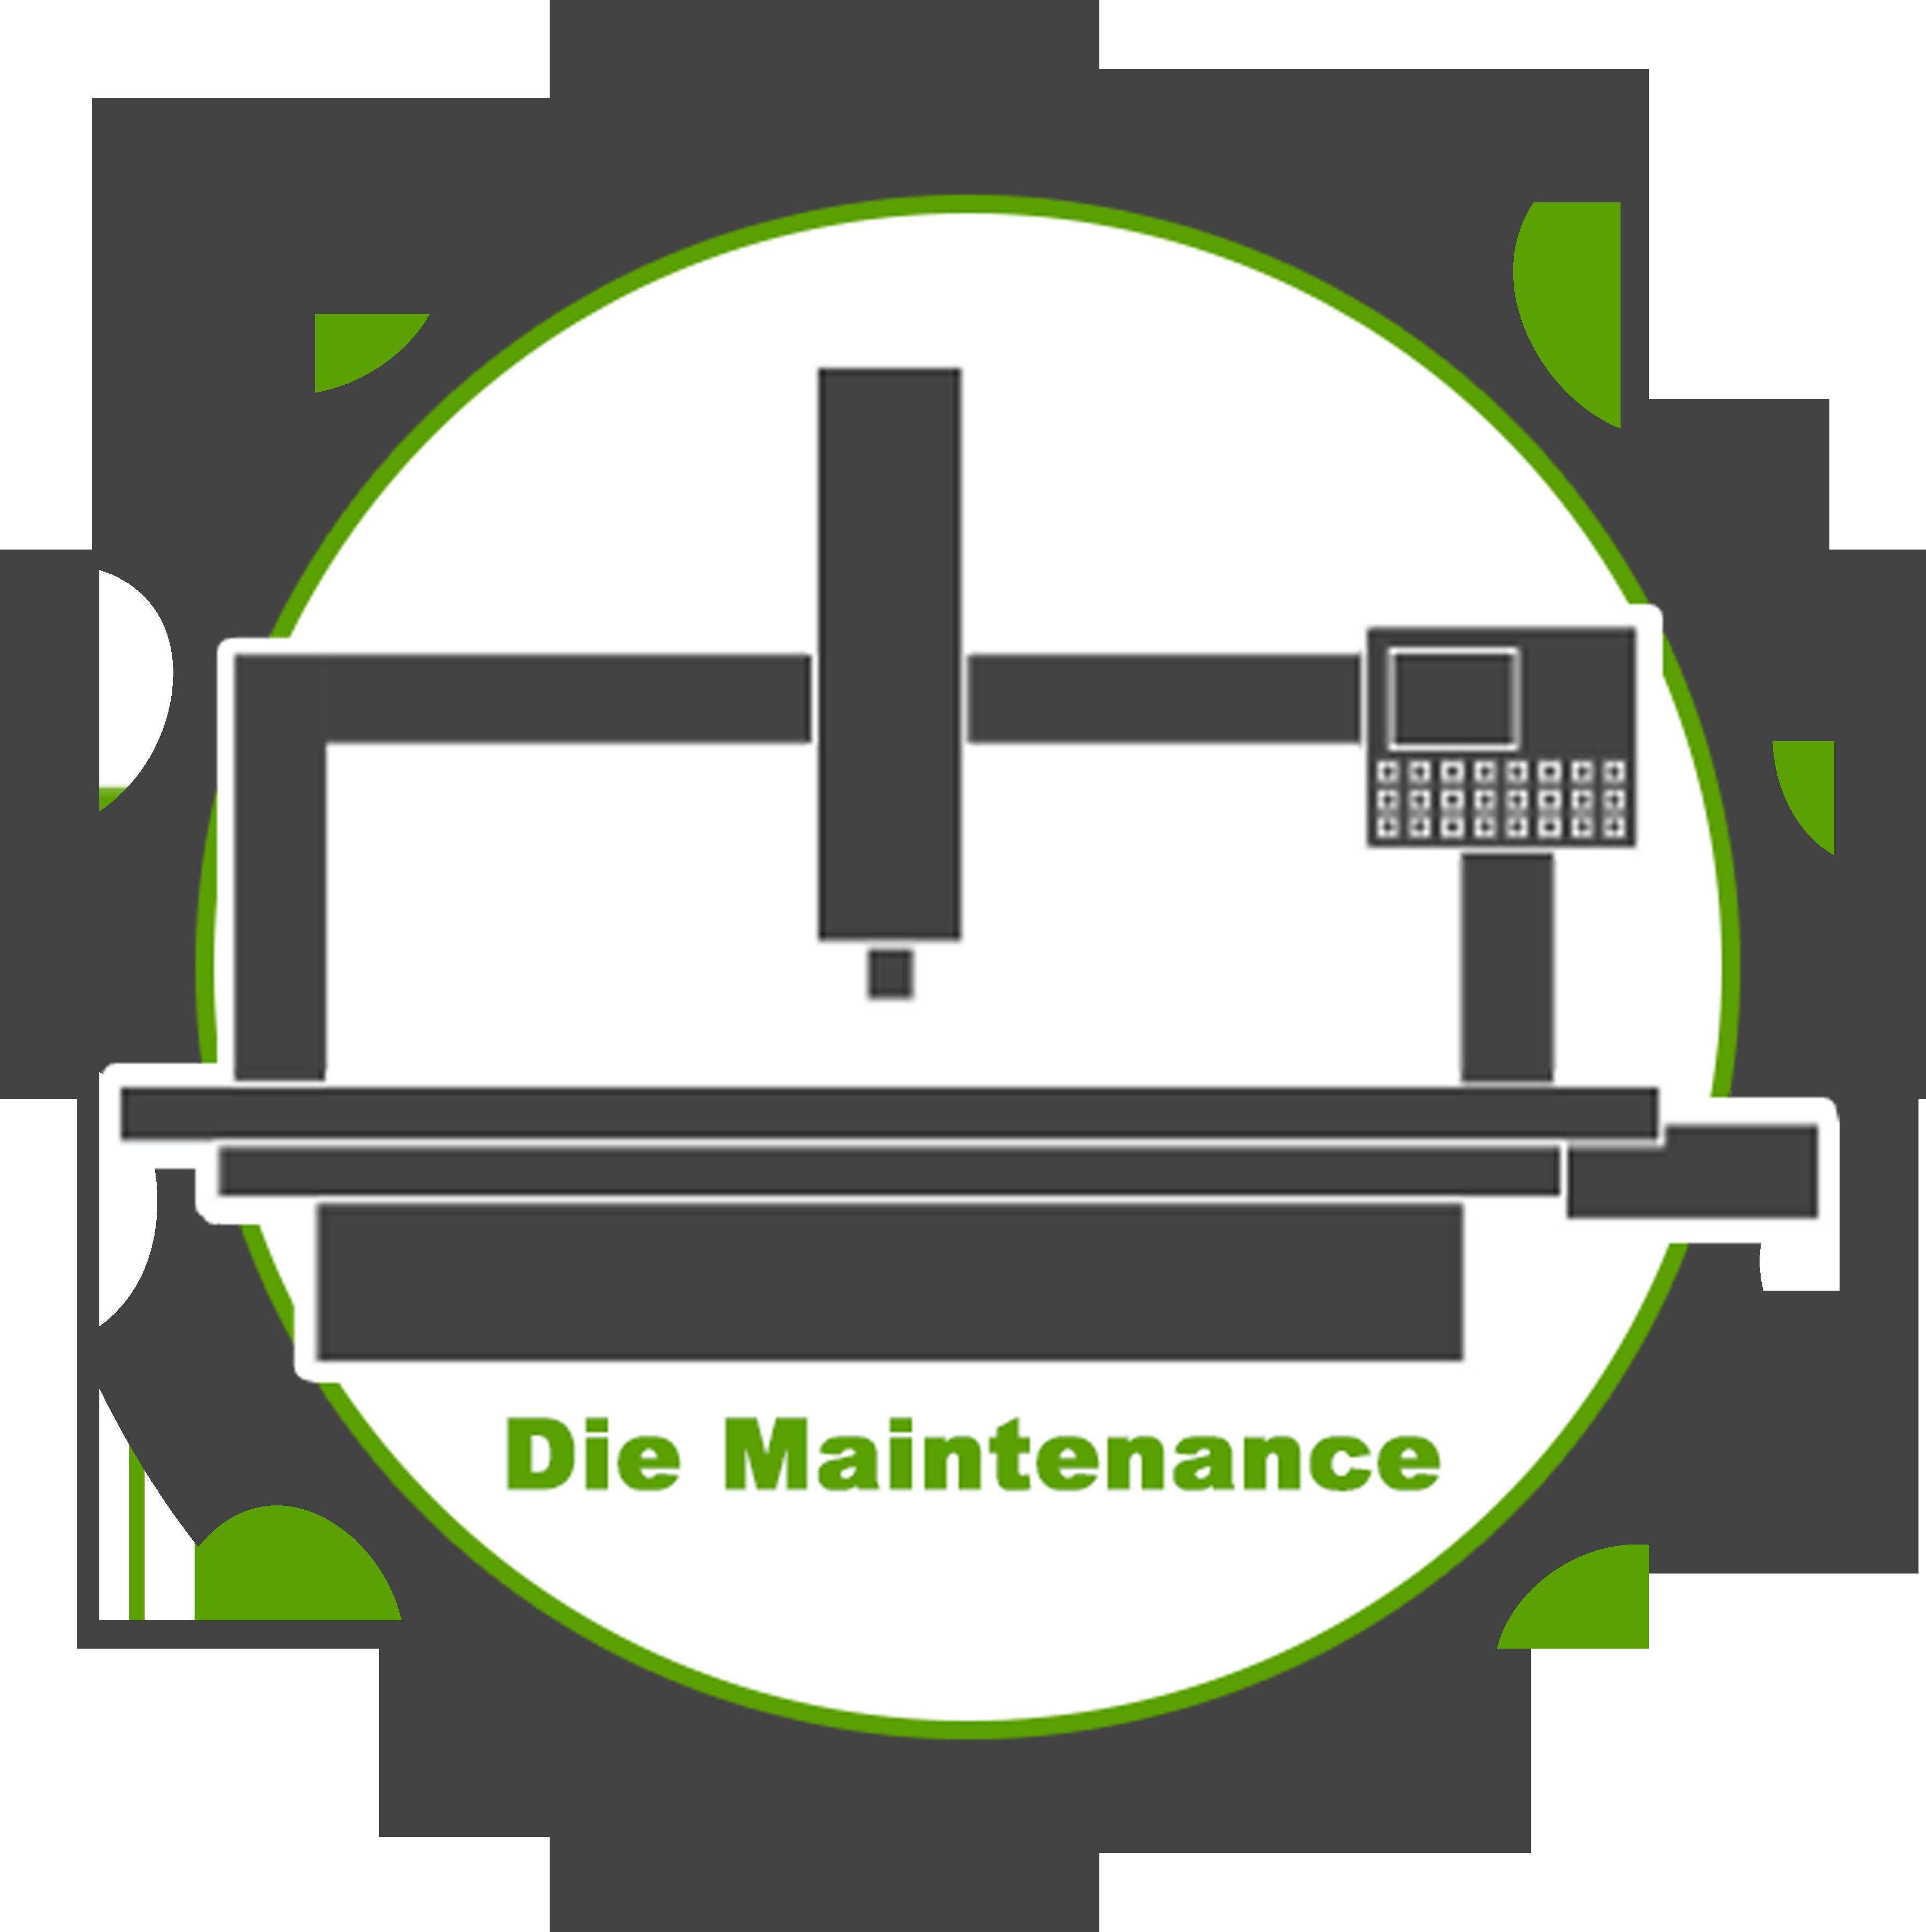 die maintenance